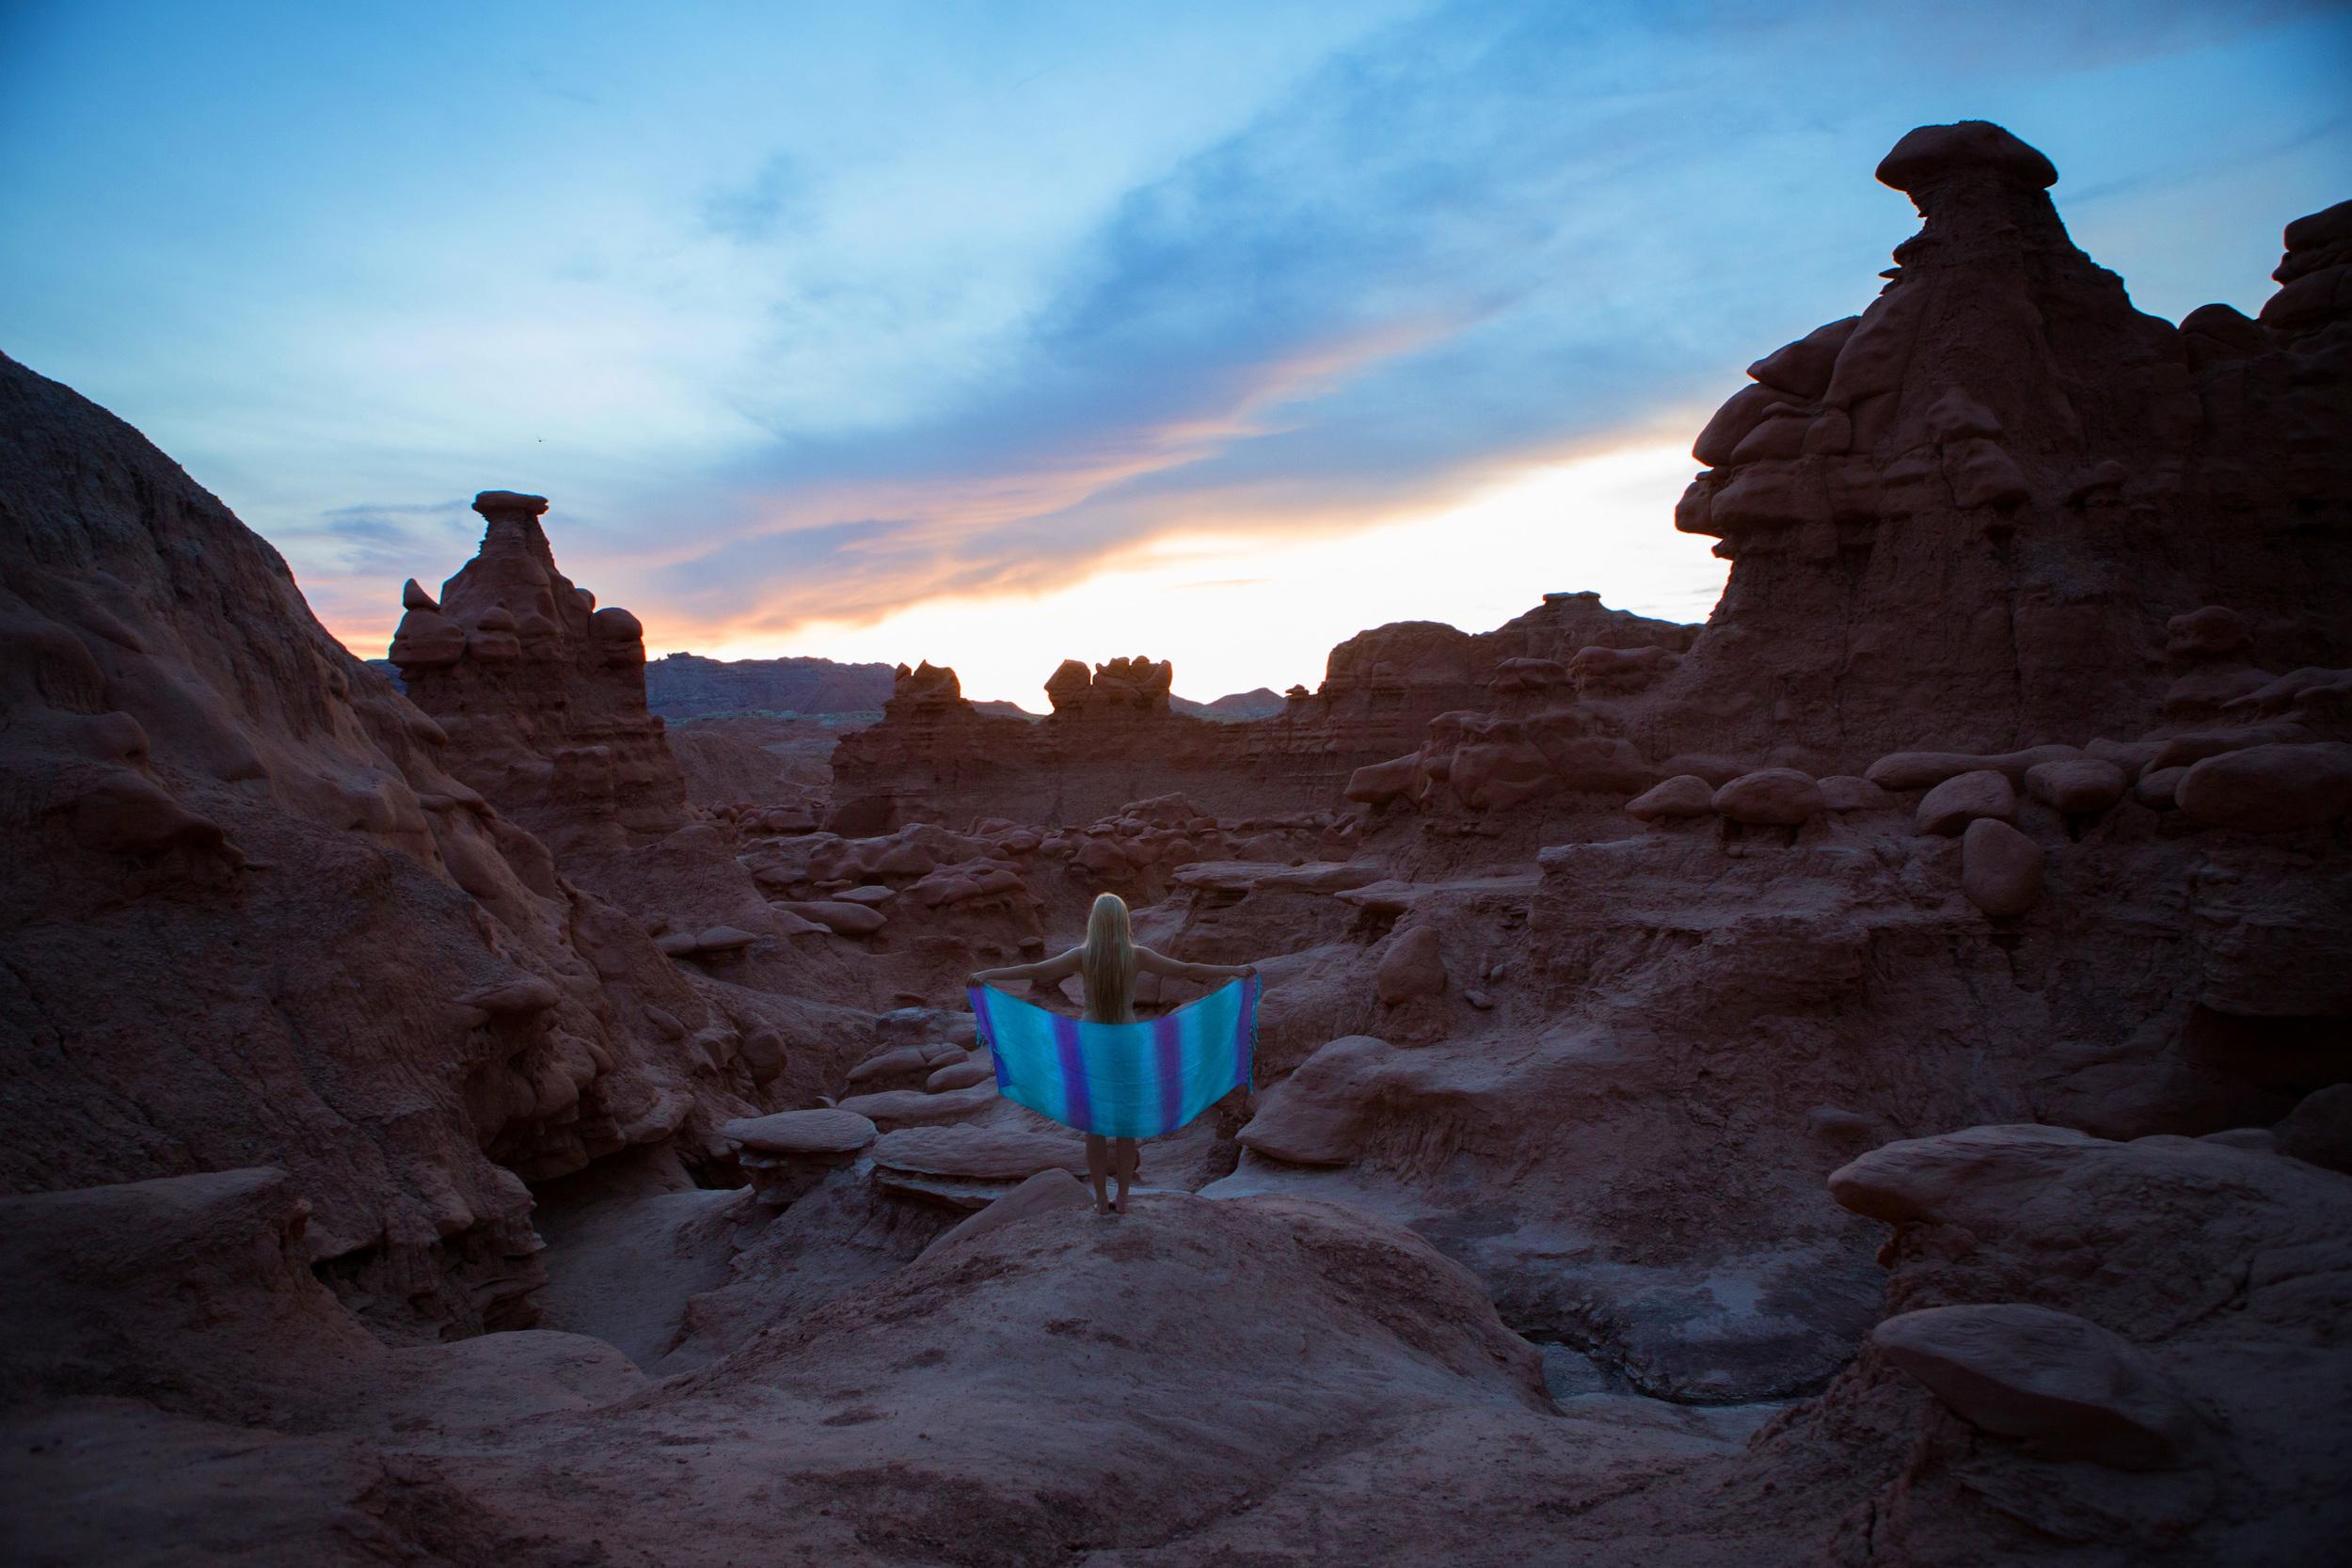 JordanRose_AstroBandit_GoblinValley_Sunset_11.jpg